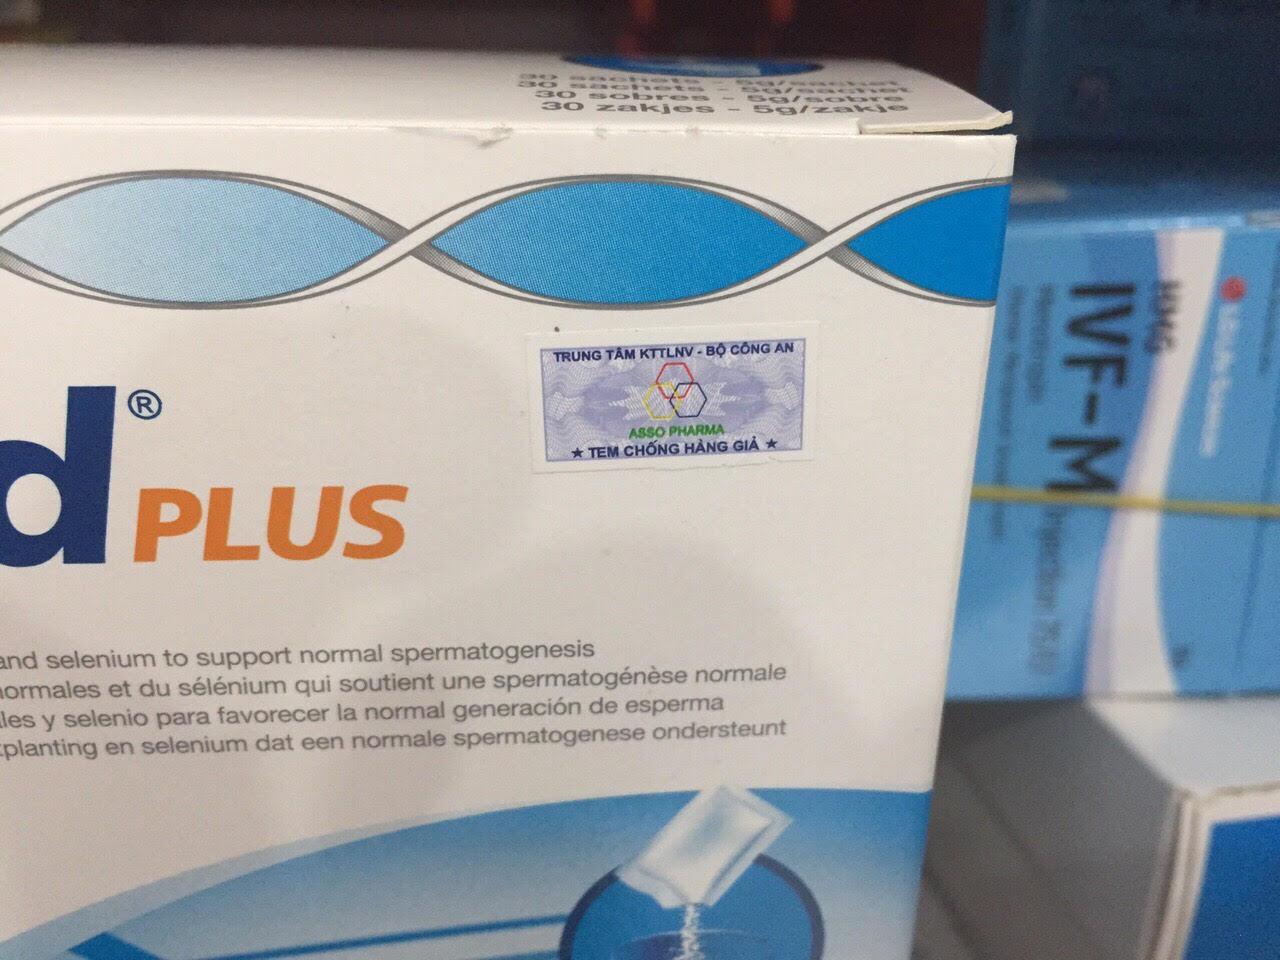 Tem chống hàng giả của thuốc proxeed plus